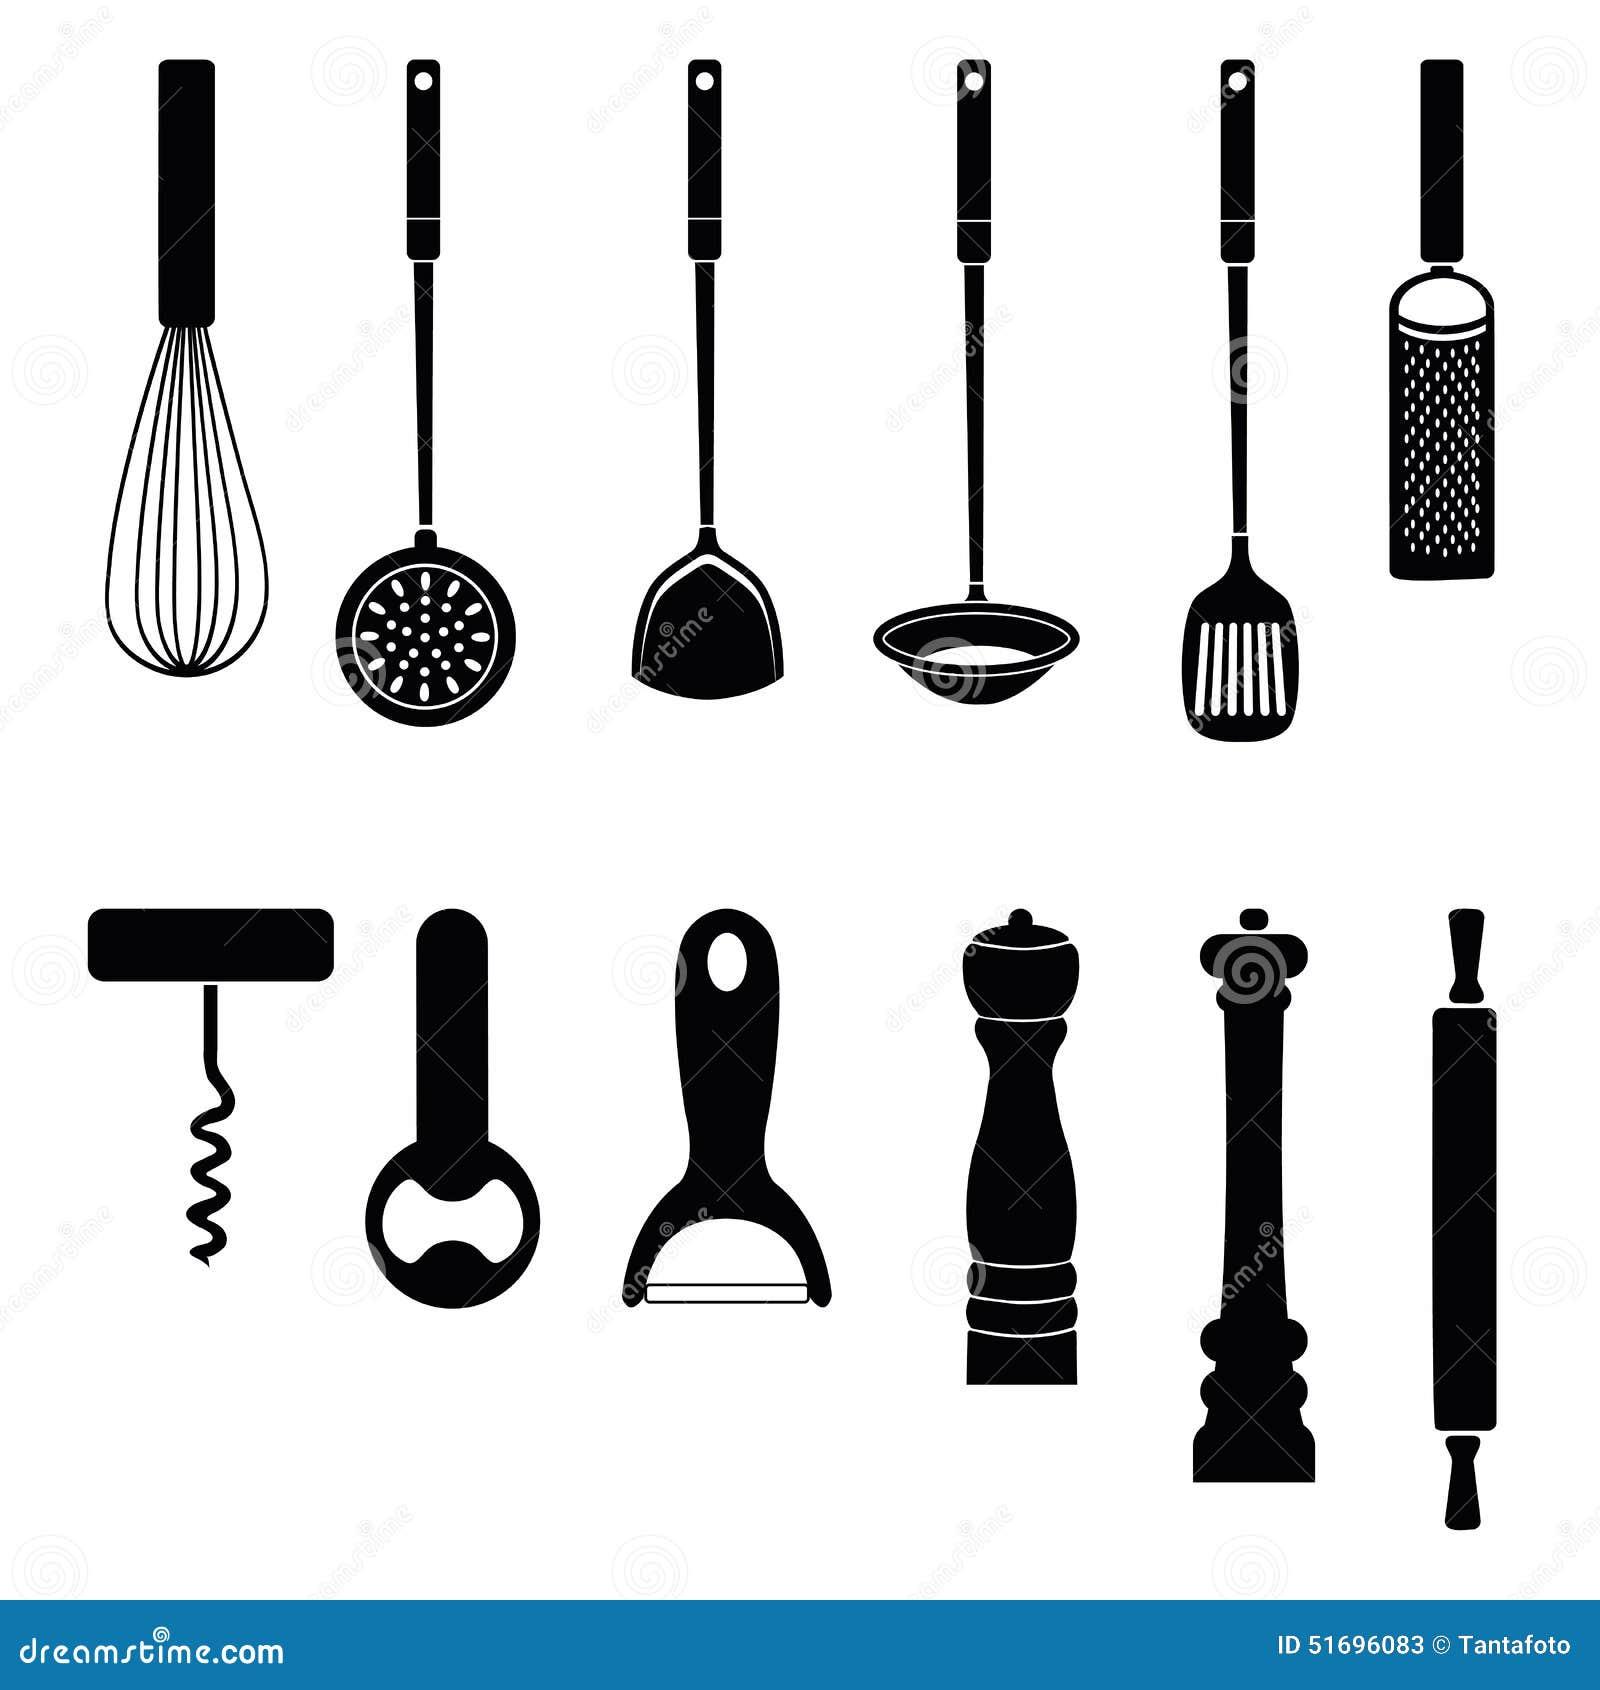 Outil de conception cuisine formidable outil conception for Outil creation cuisine